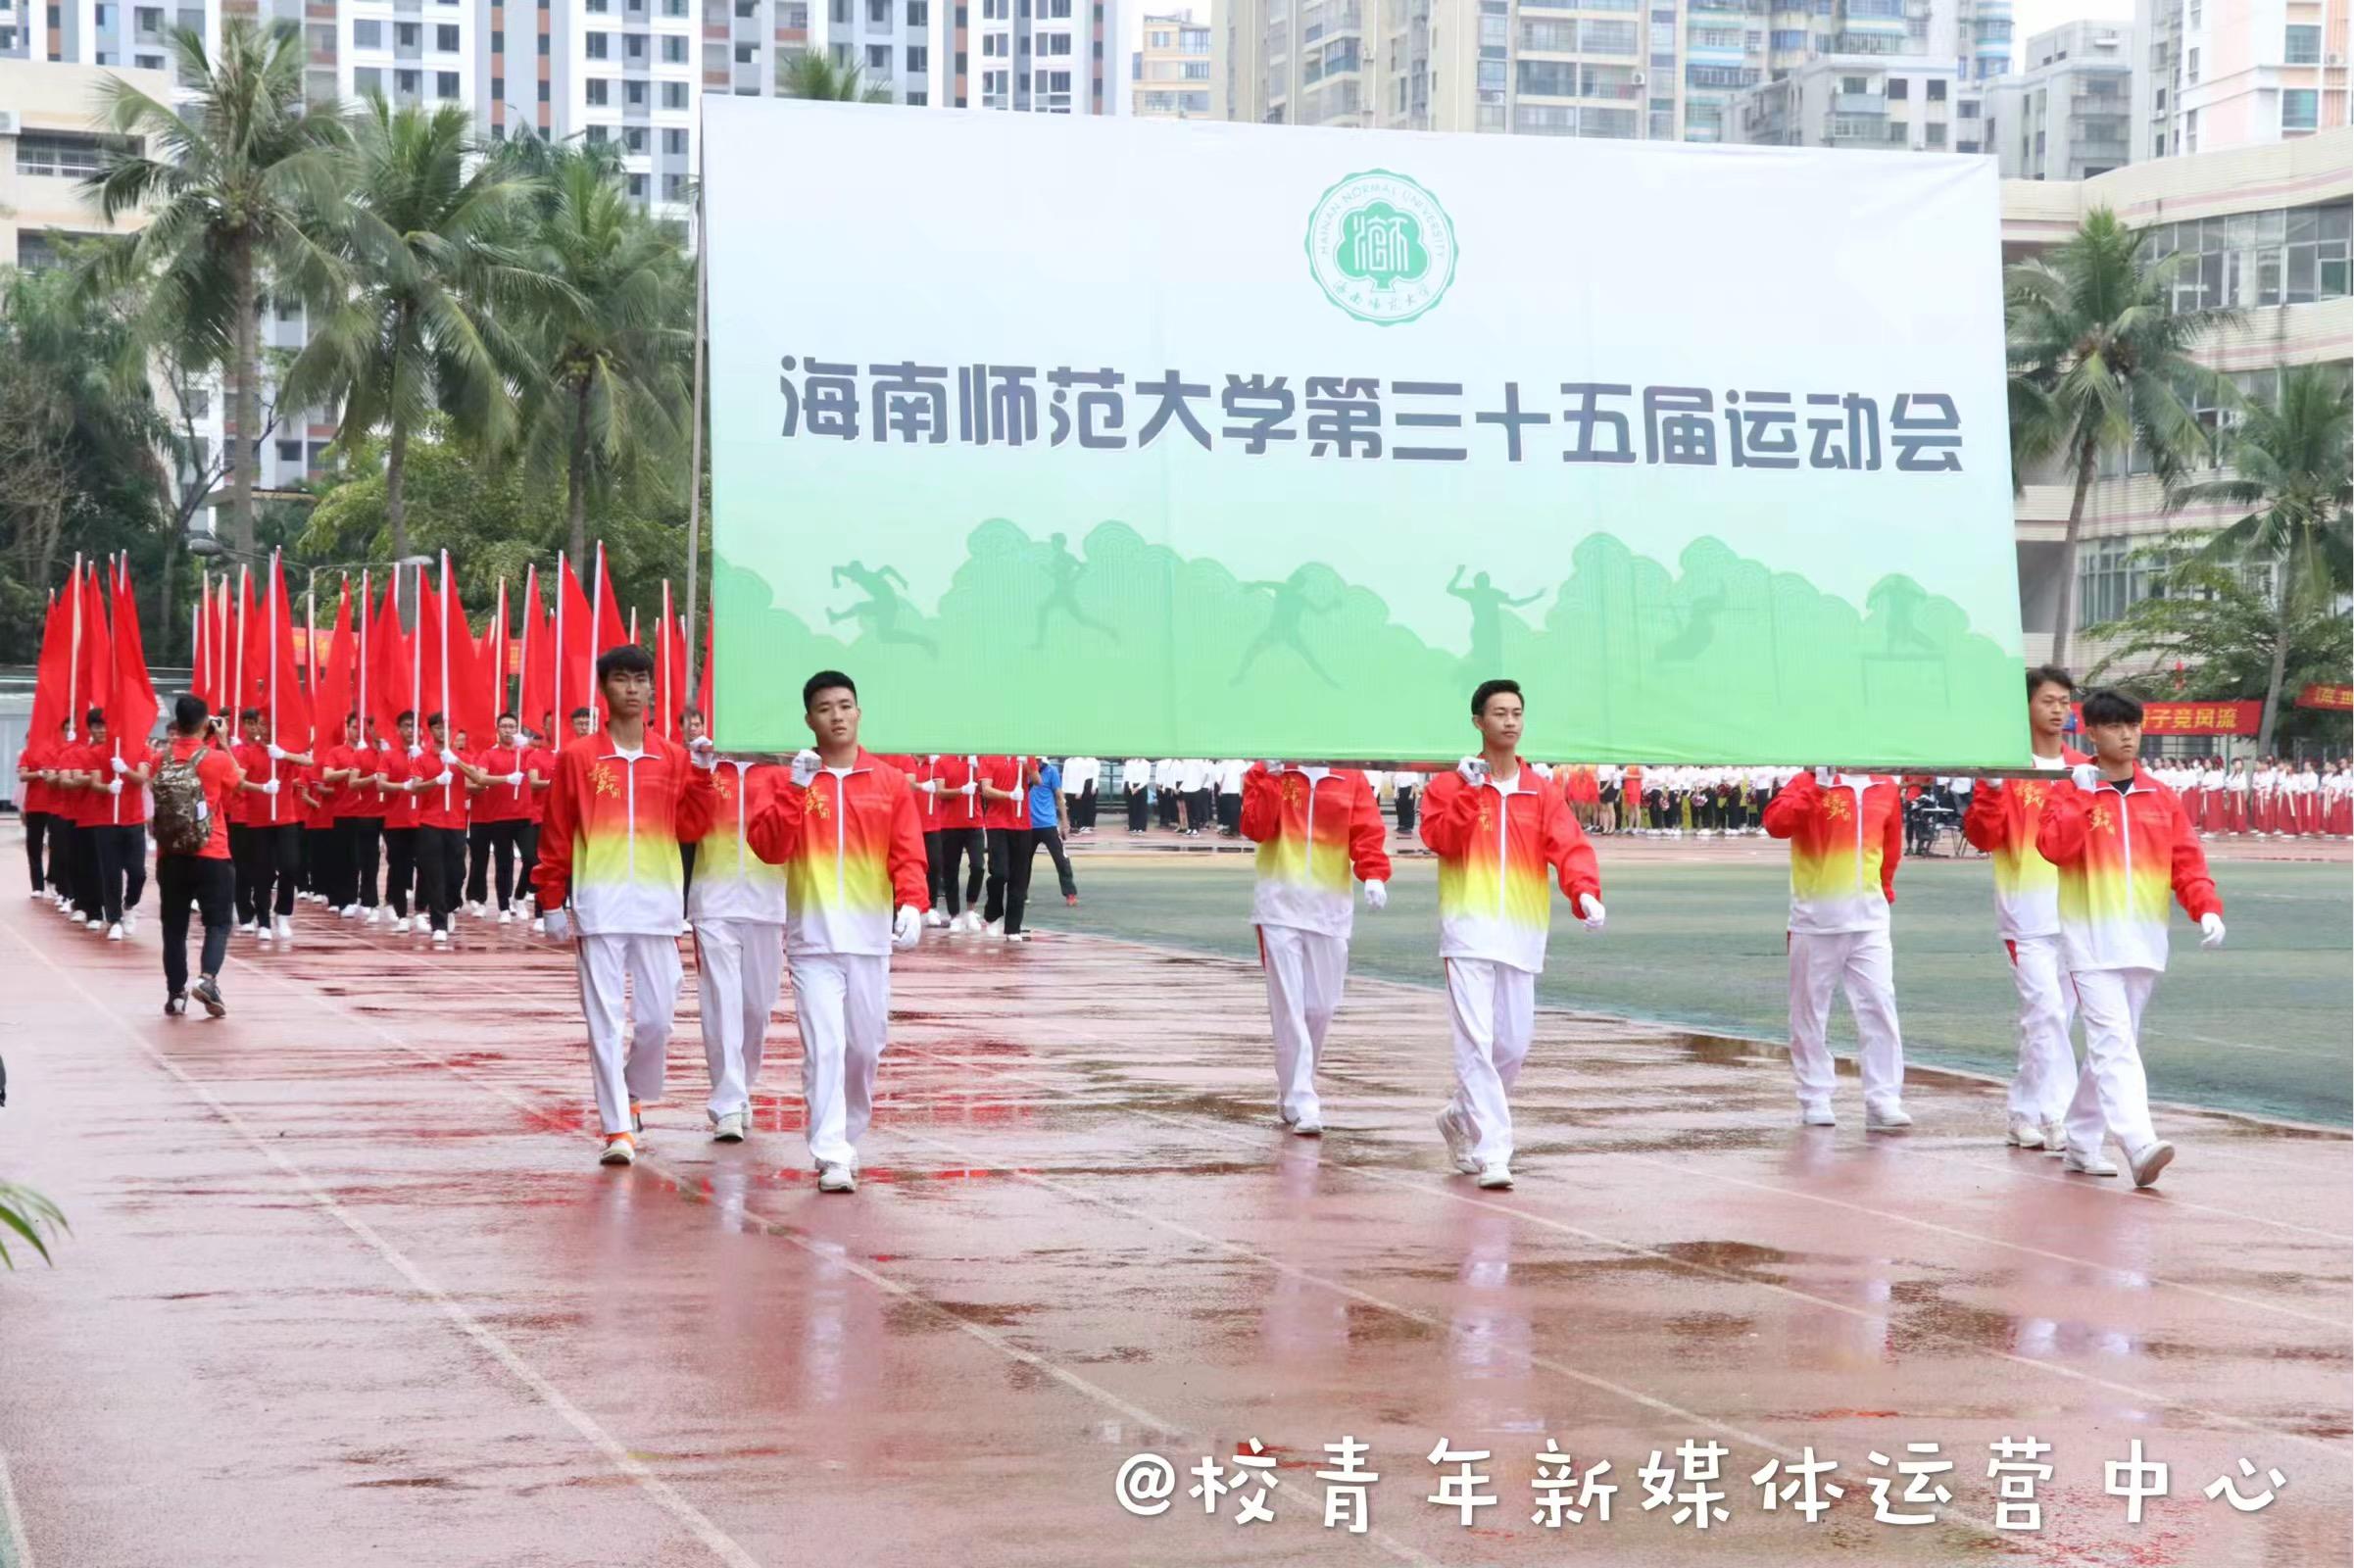 青年之声•马克思主义学院记澳门皇冠第三十五届田径运动会暨六十九周年校庆